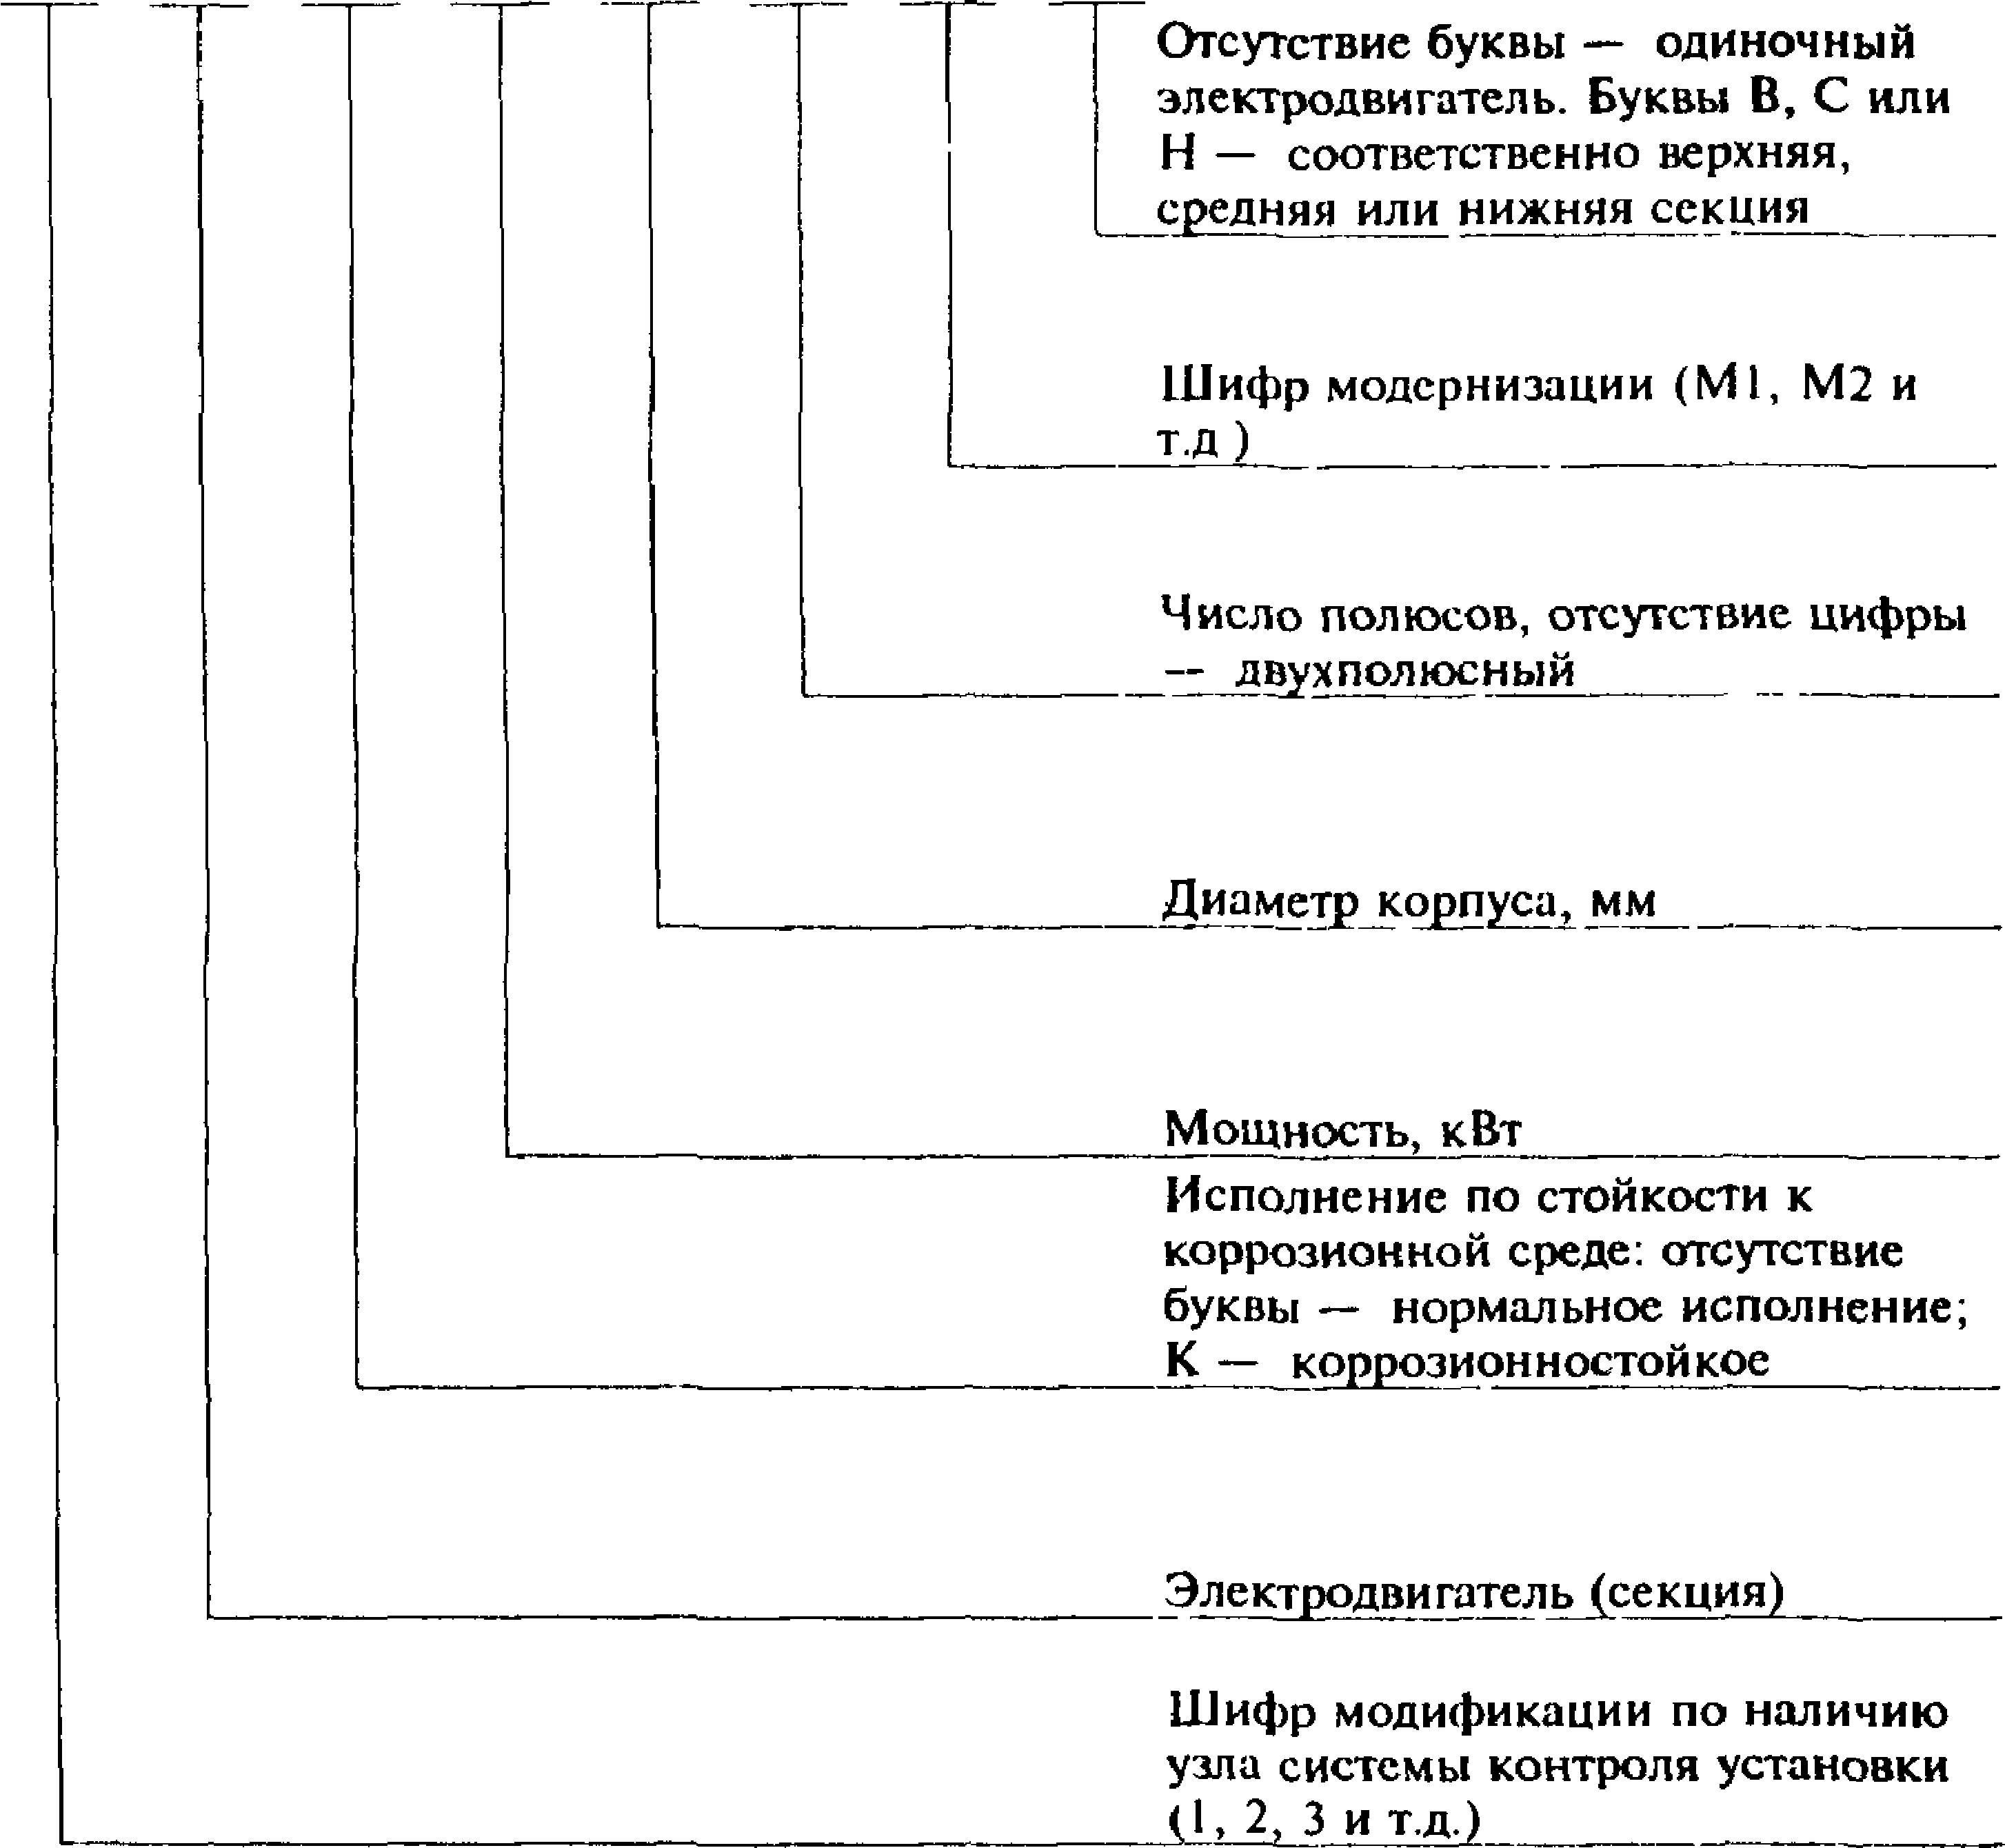 Виды и типы электродвигателей / статьи и обзоры / элек.ру